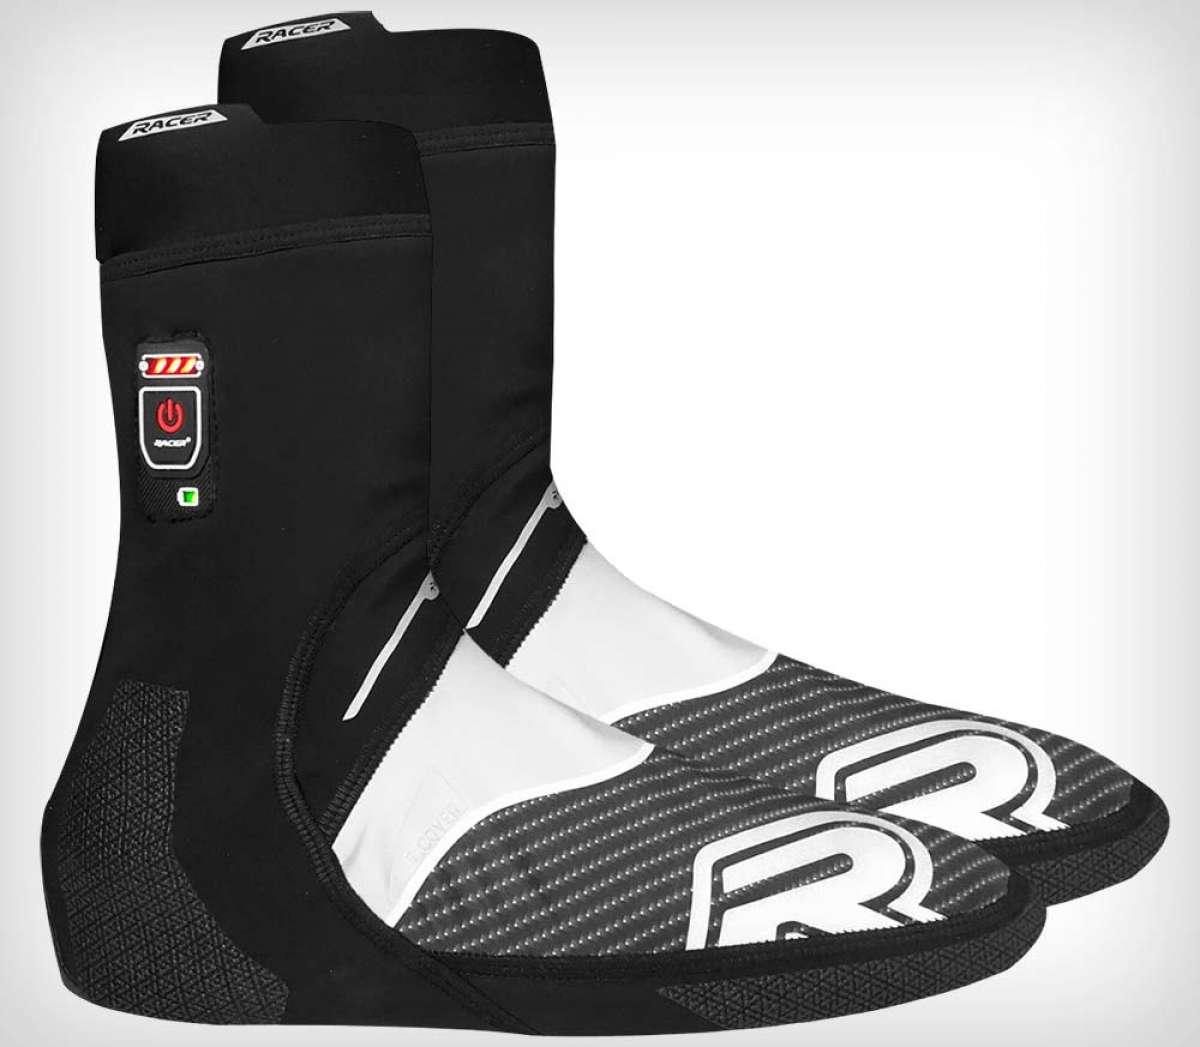 Racer E-Cover, unos cubrebotas calefactados para rodar con los pies calentitos en invierno